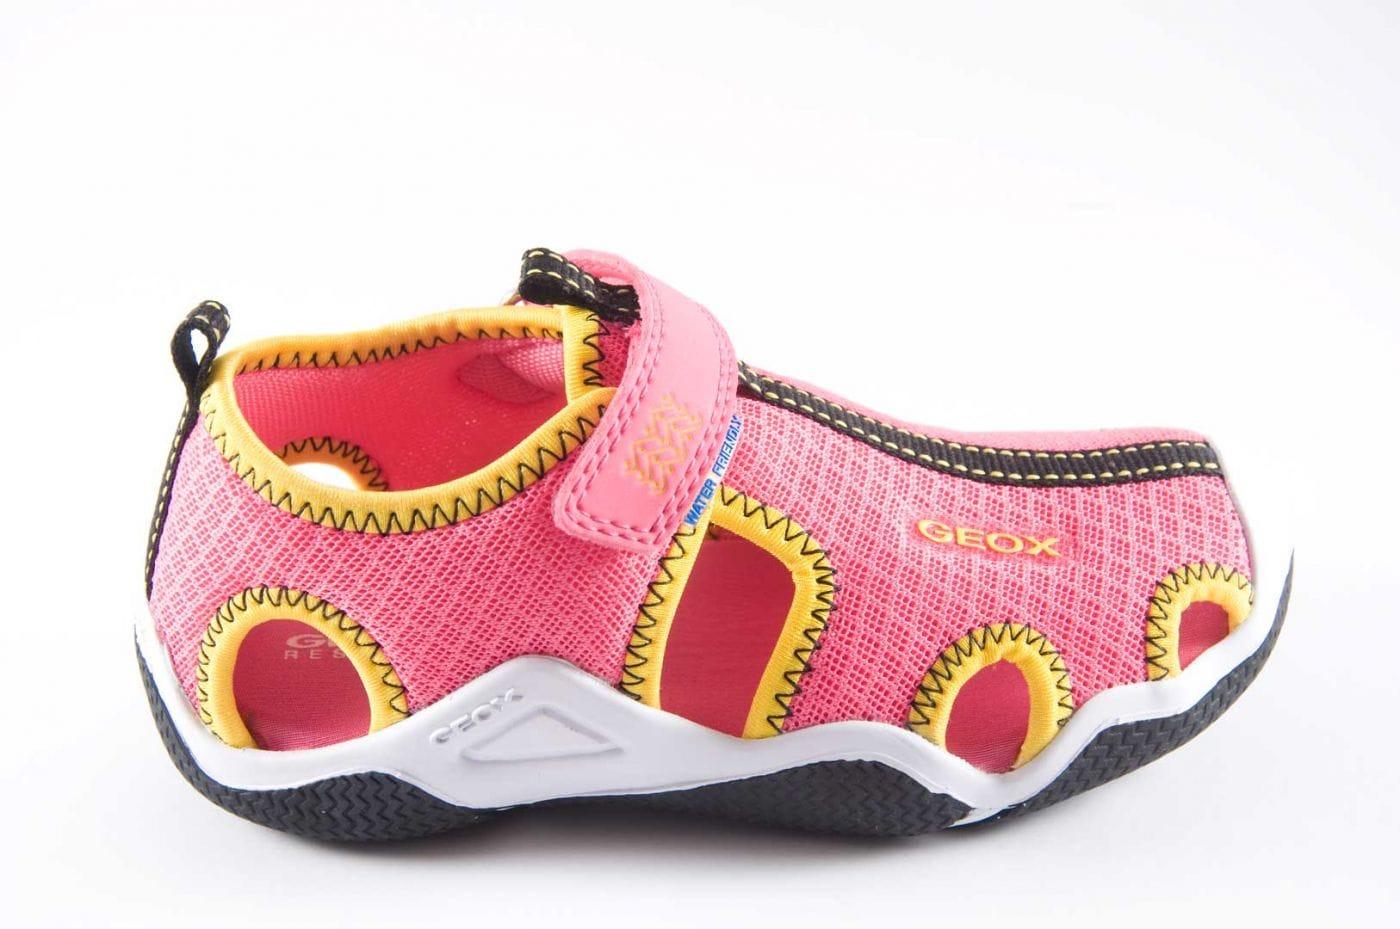 86fdc6898 Comprar zapato tipo JOVEN NIÑA estilo SANDALIA COLOR FUCSIA TEXTIL ...